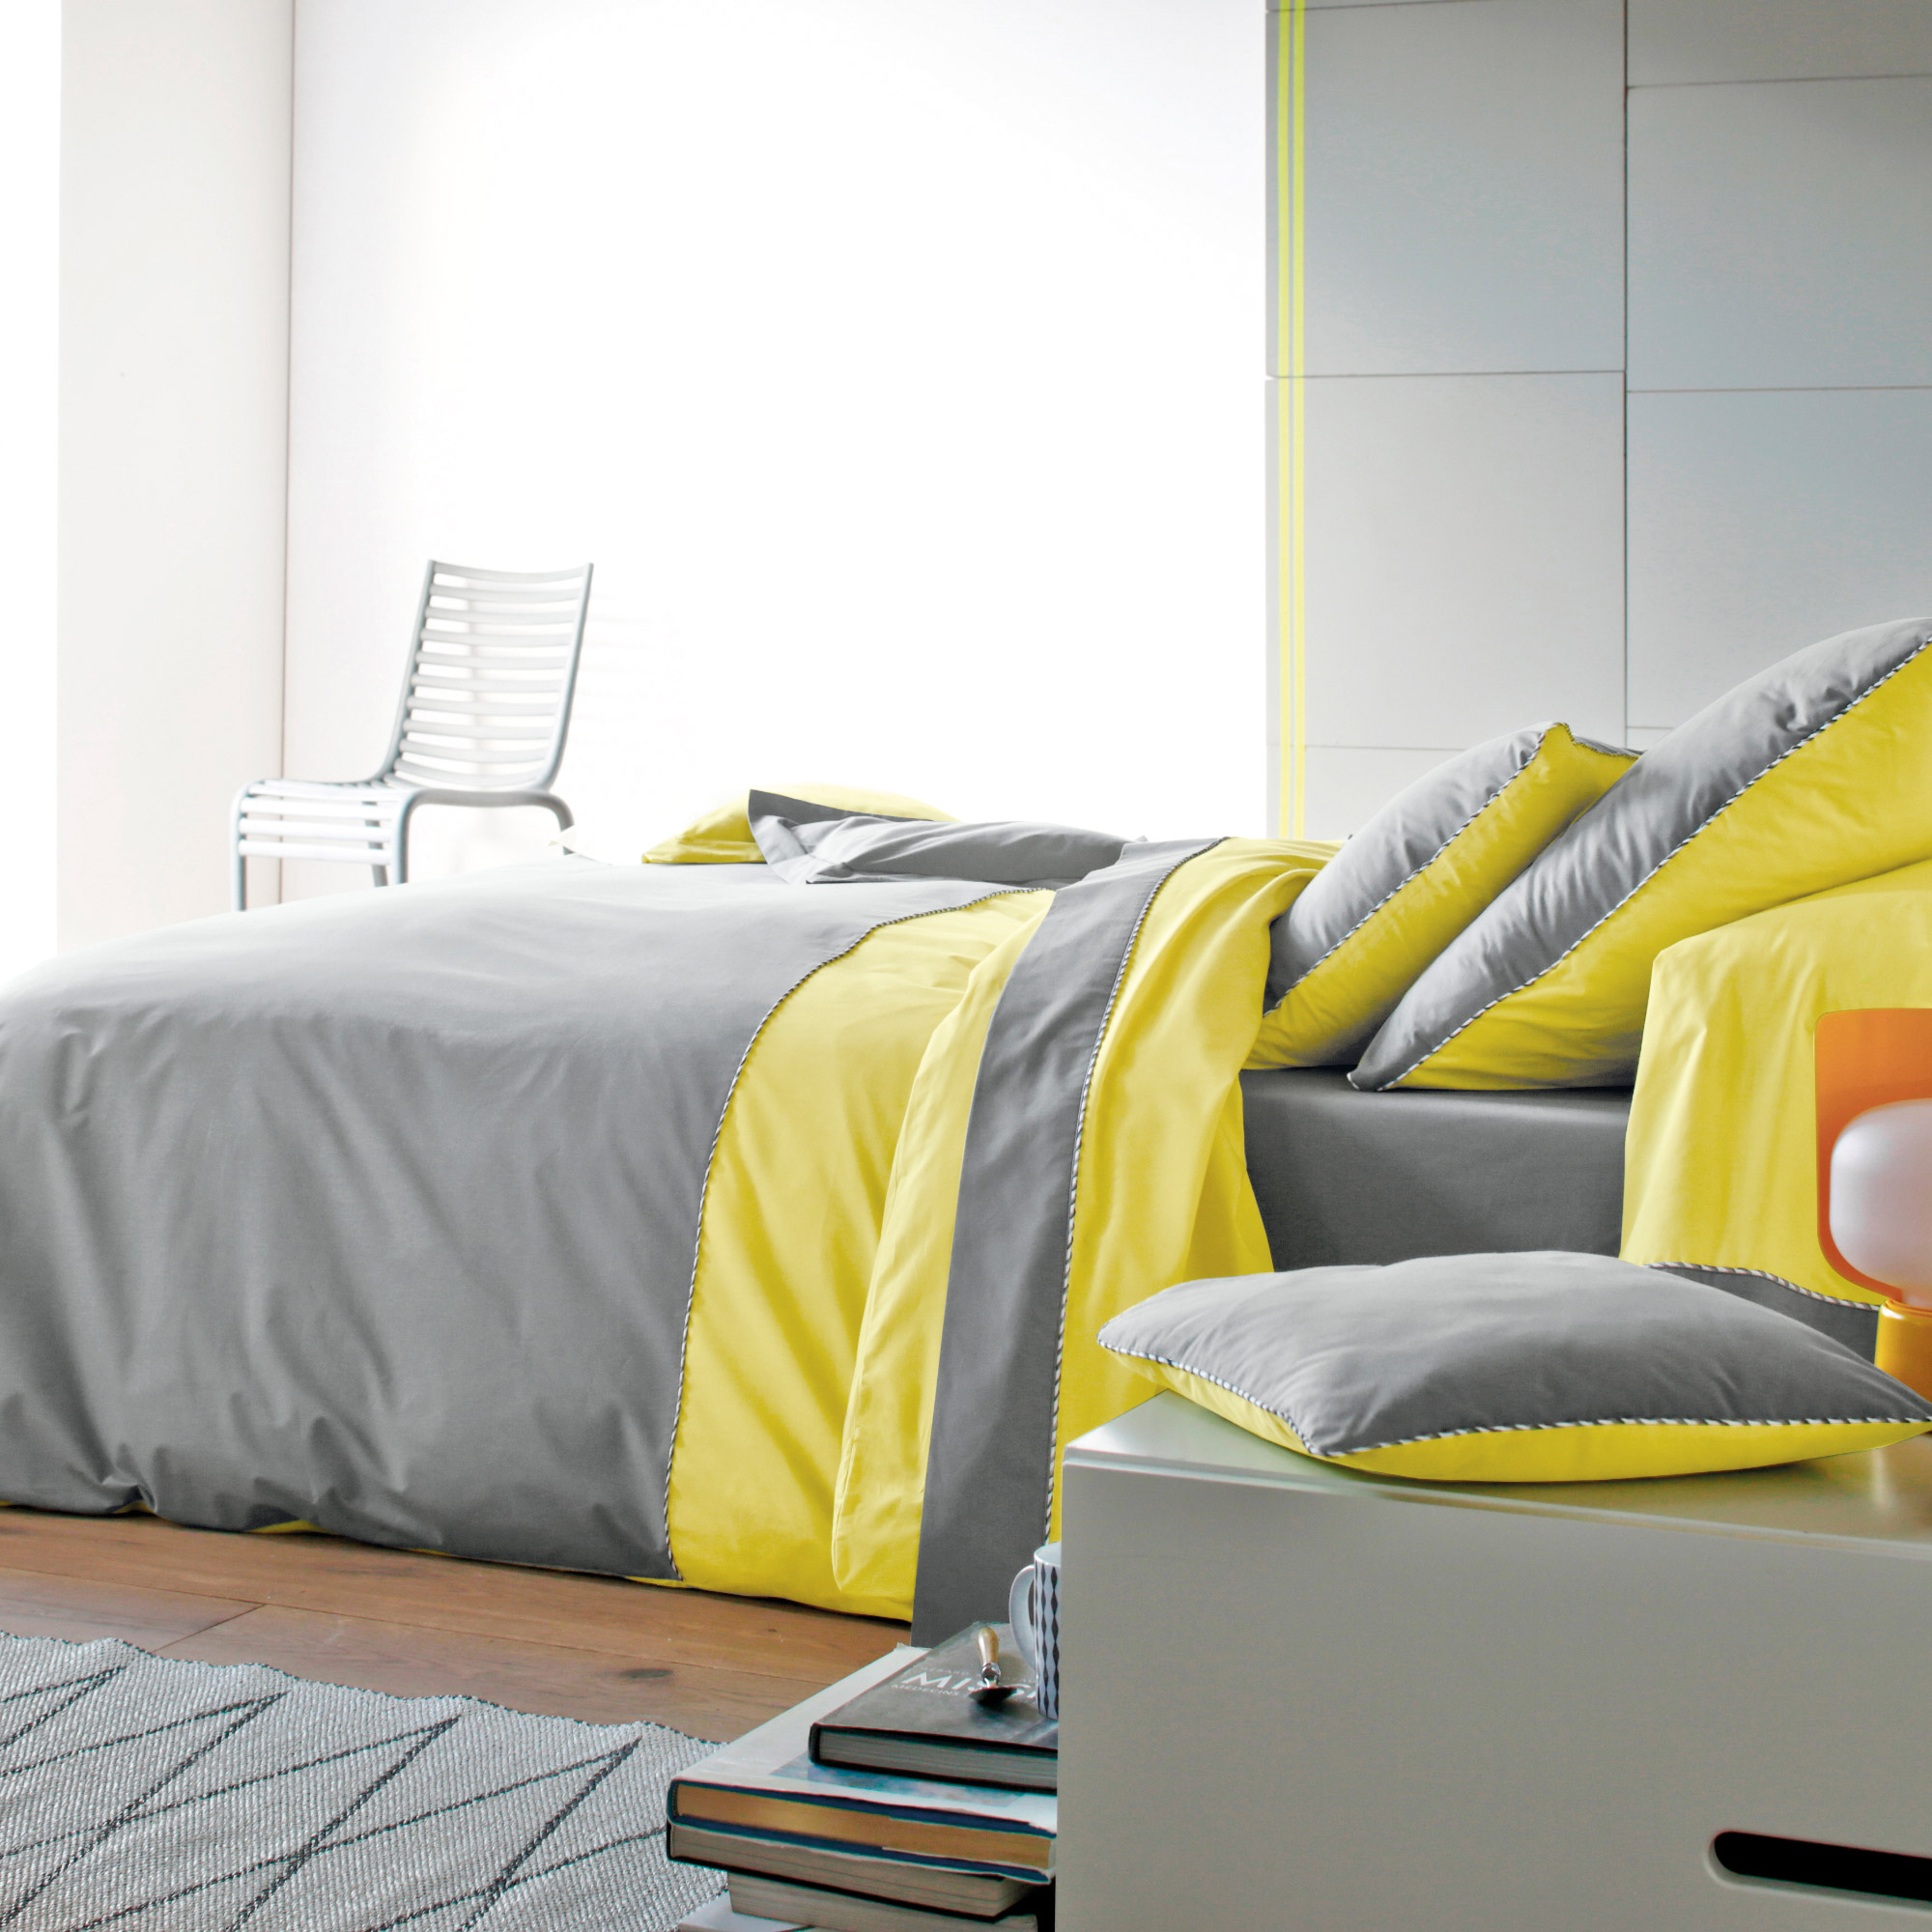 Deco scandinave chambre jaune - Boutique-gain-de-place.fr